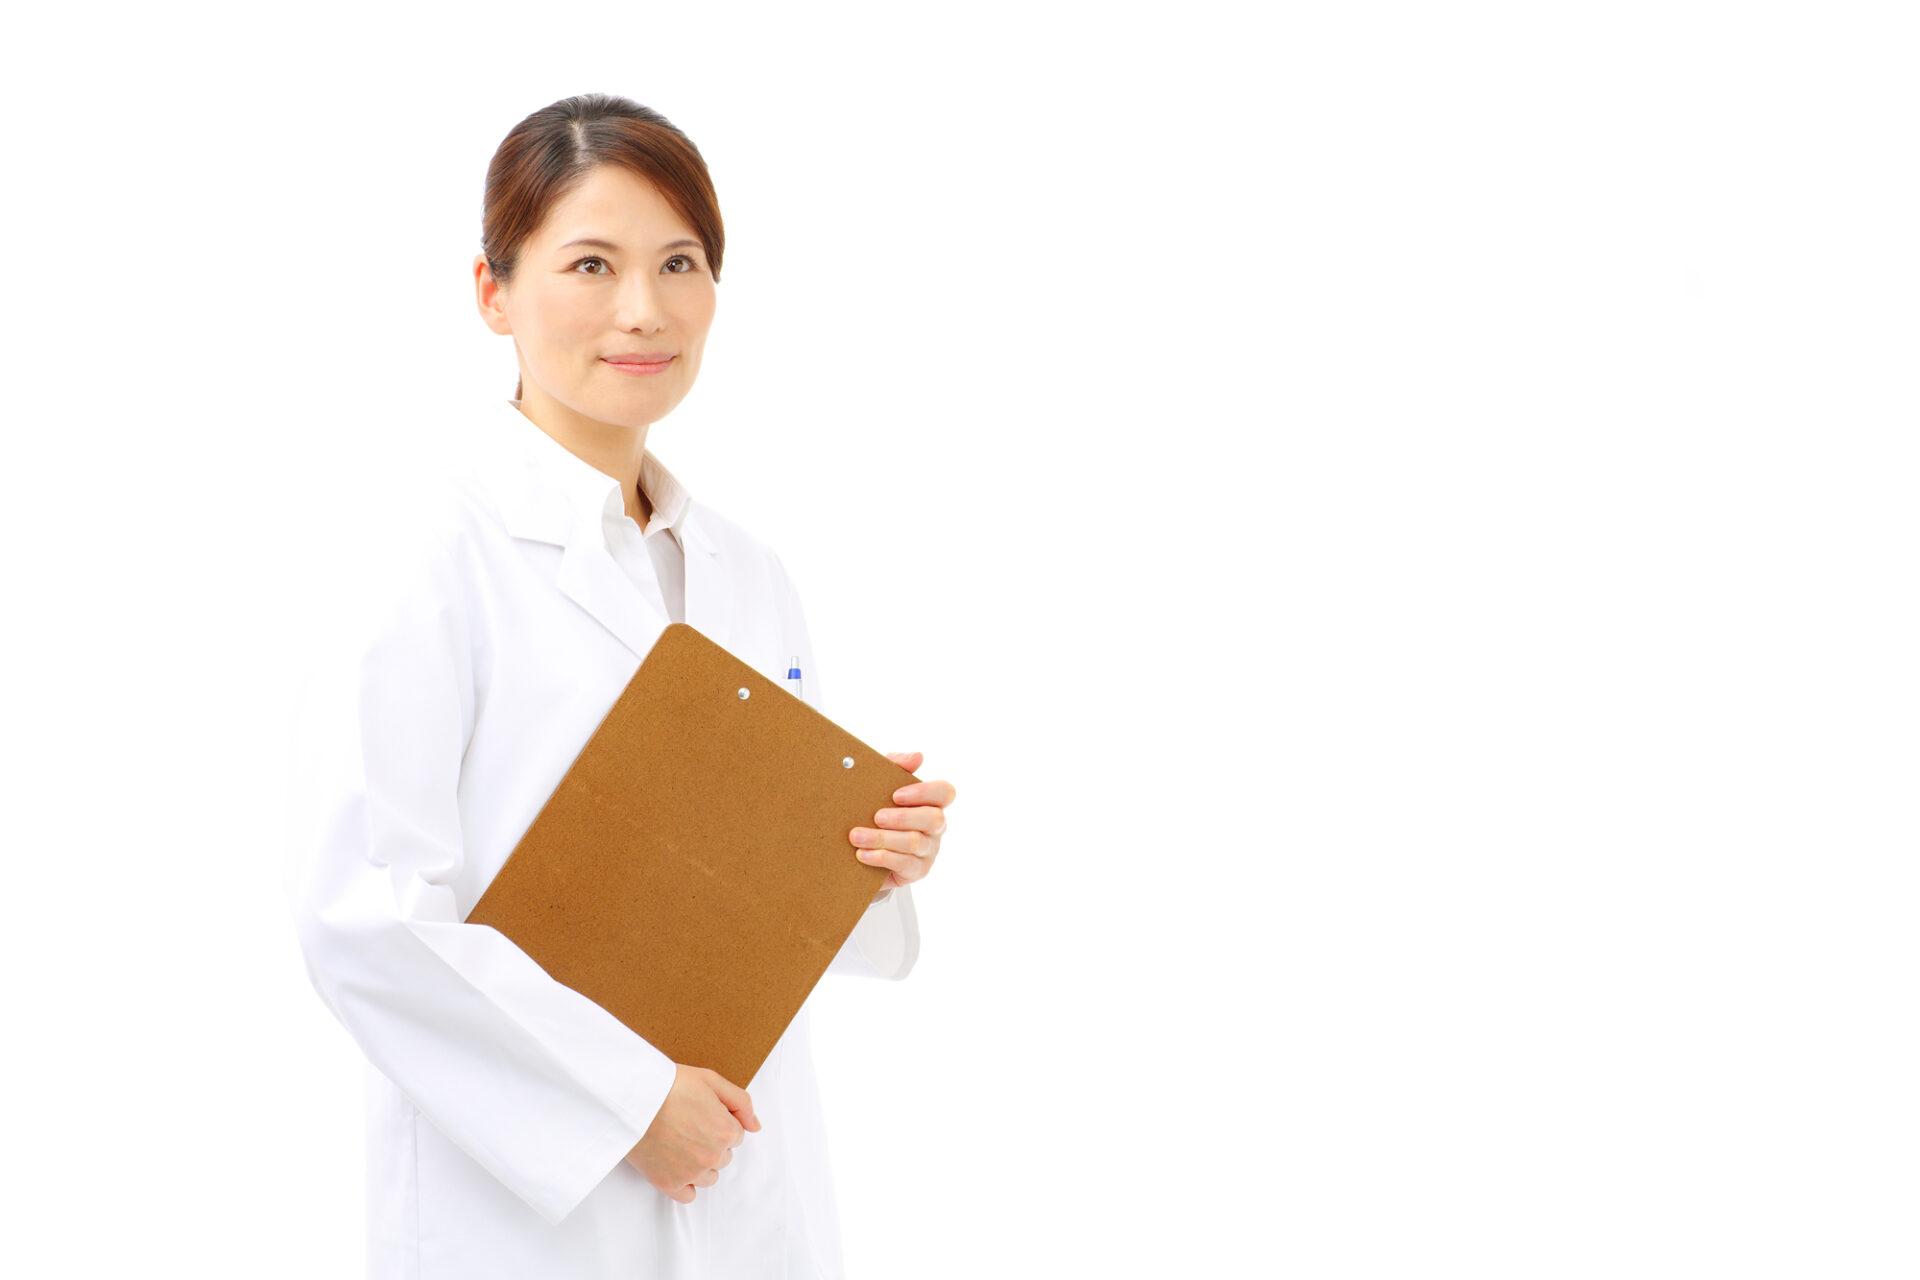 スキルアップに有利な薬剤師のDI業務ってなに?仕事内容や必要なスキル、求人を紹介